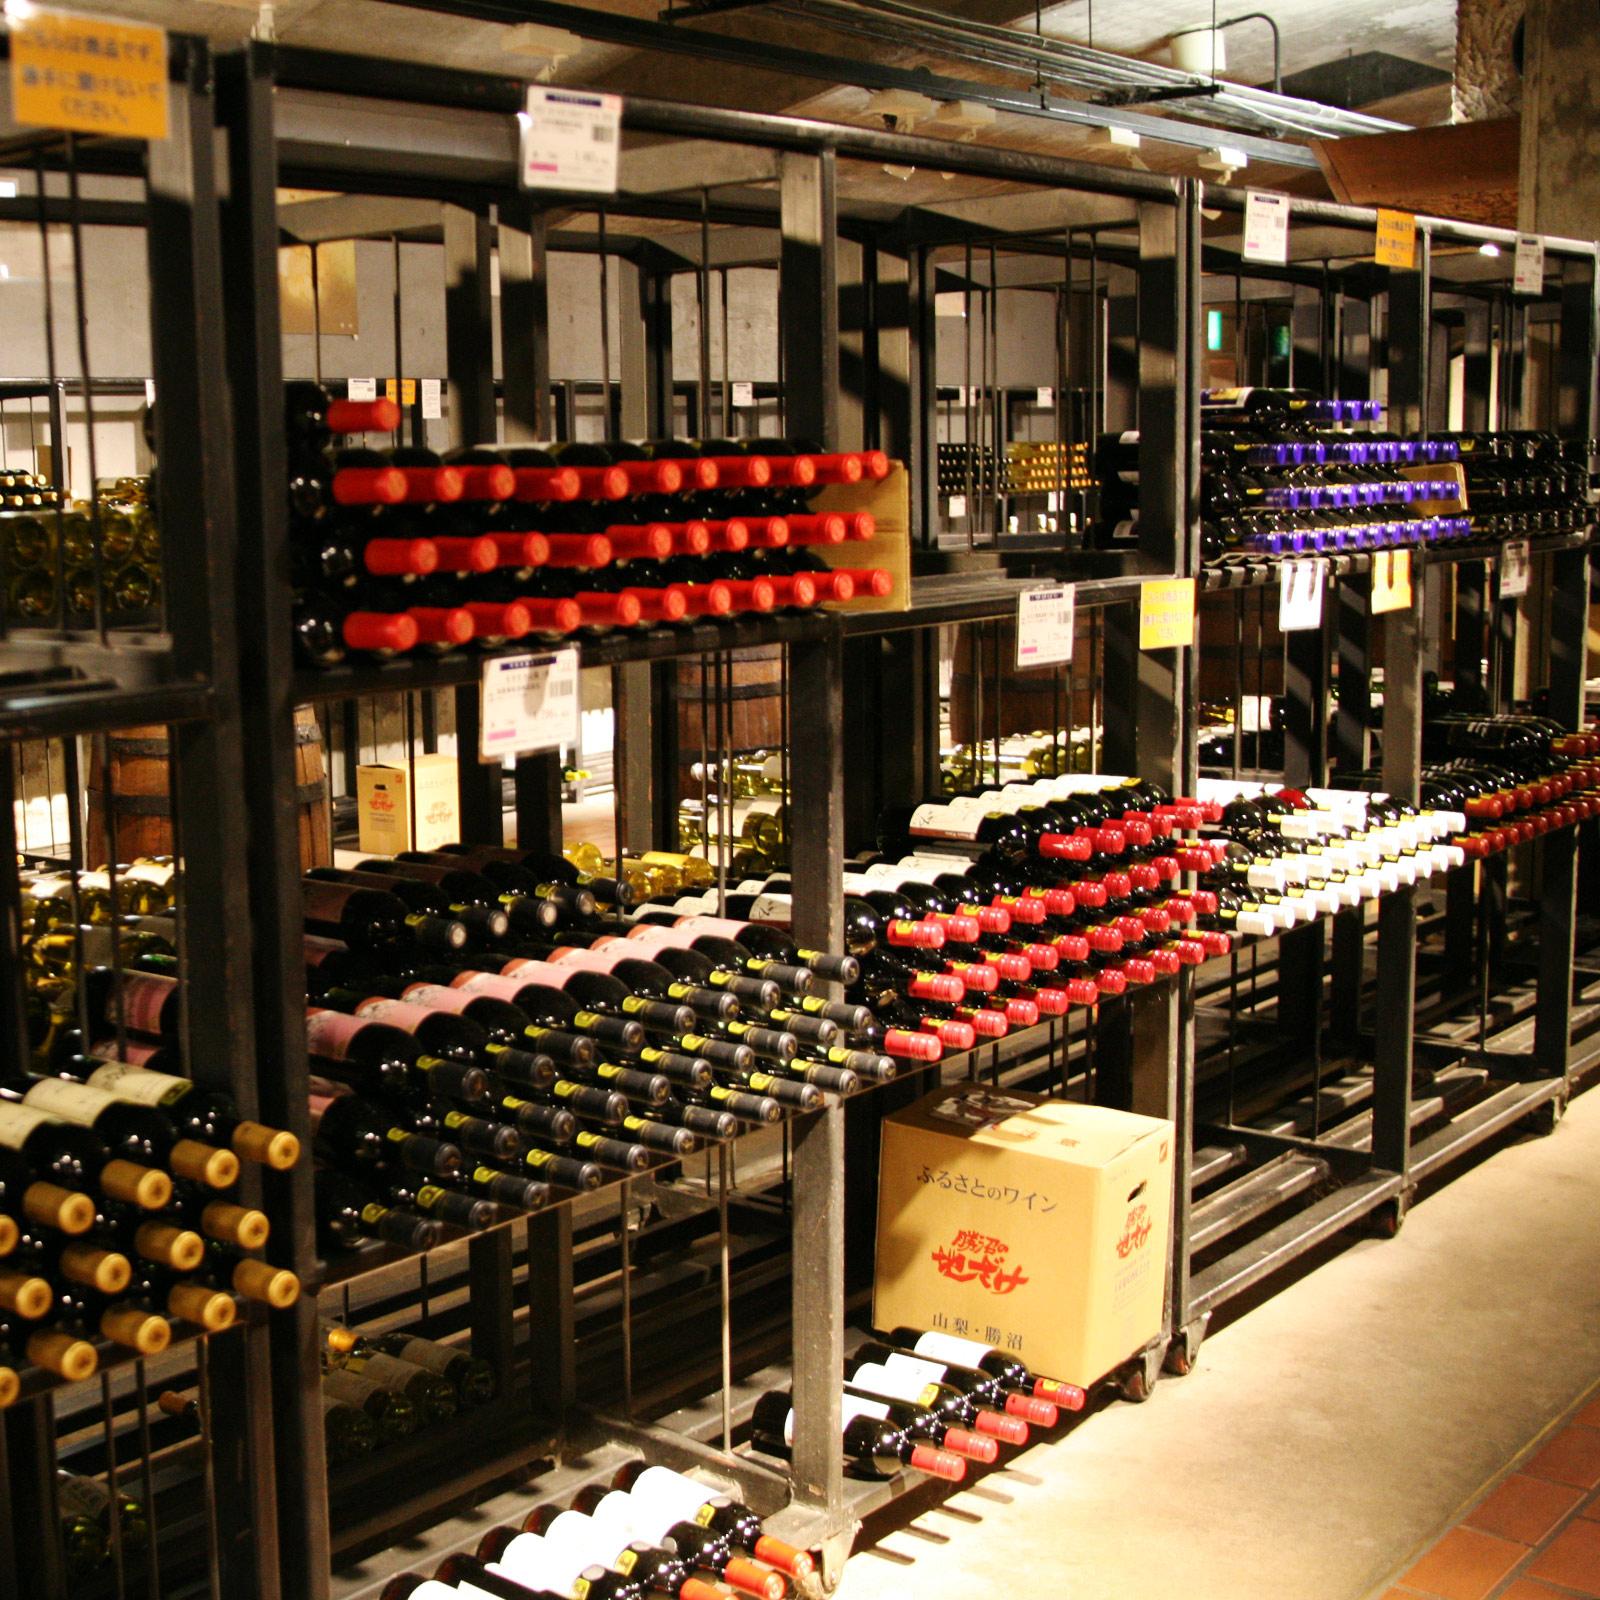 気に入ったワインはその場で購入できる。一人で一度に100本を買い求めるワイン愛好家もいるそうで、その気持ちはよくわかる。クレジットカードの使用、宅配も可。